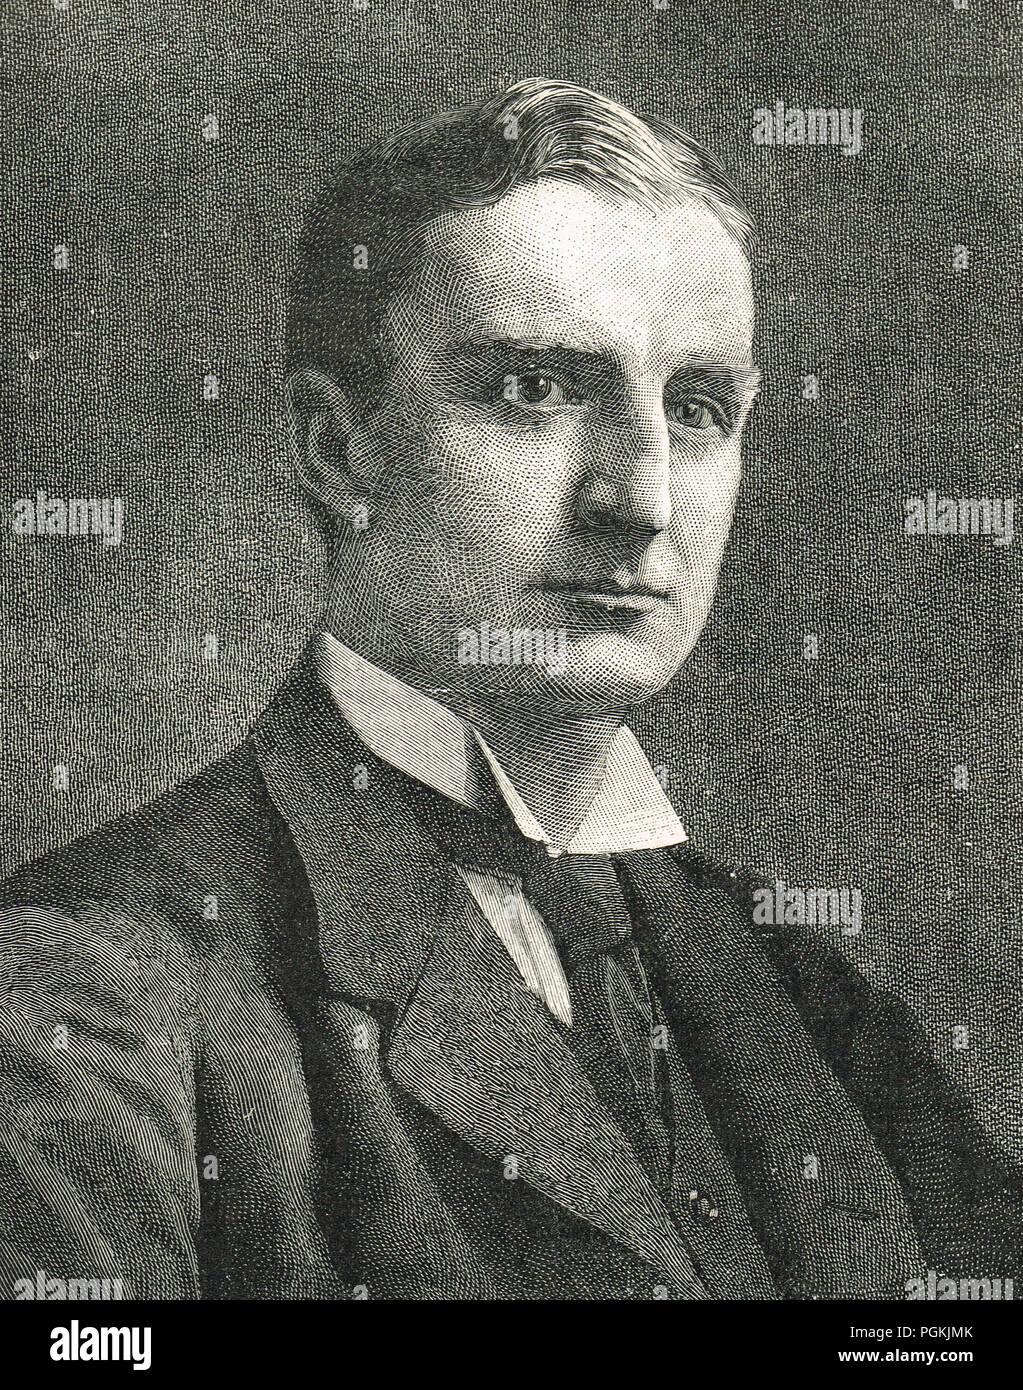 """Sir Edward Grey, le Ministre britannique des affaires étrangères, 1906-16. Célèbre pour sa remarque à un ami à la veille de la Première Guerre mondiale 1 'La lampes s'éteignent dans toute l'Europe, nous ne les voyons pas allumé de nouveau dans notre vie-temps"""" Photo Stock"""